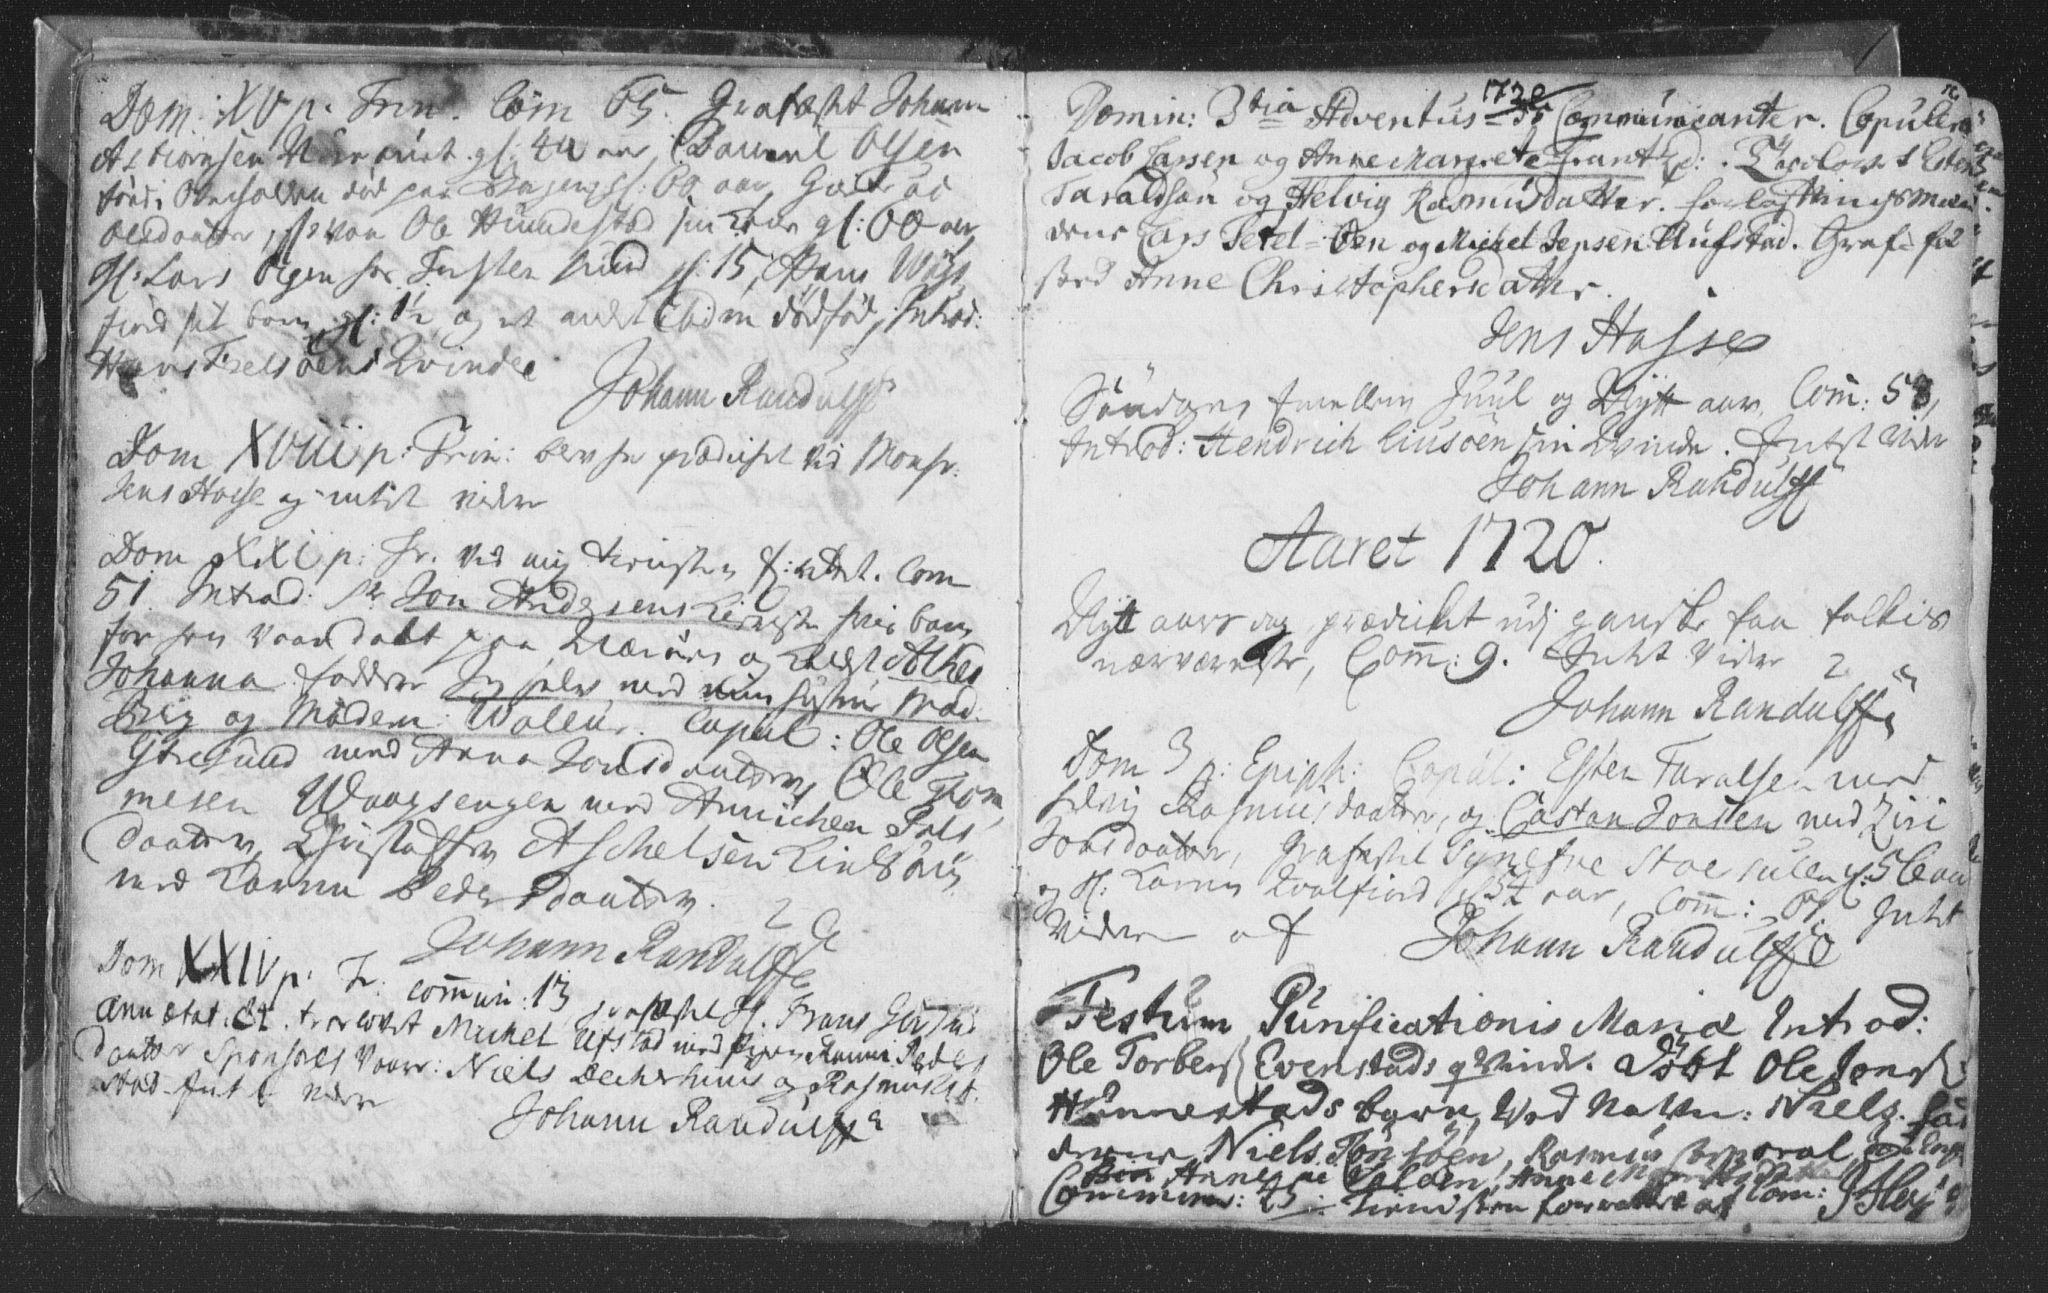 SAT, Ministerialprotokoller, klokkerbøker og fødselsregistre - Nord-Trøndelag, 786/L0685: Ministerialbok nr. 786A01, 1710-1798, s. 16